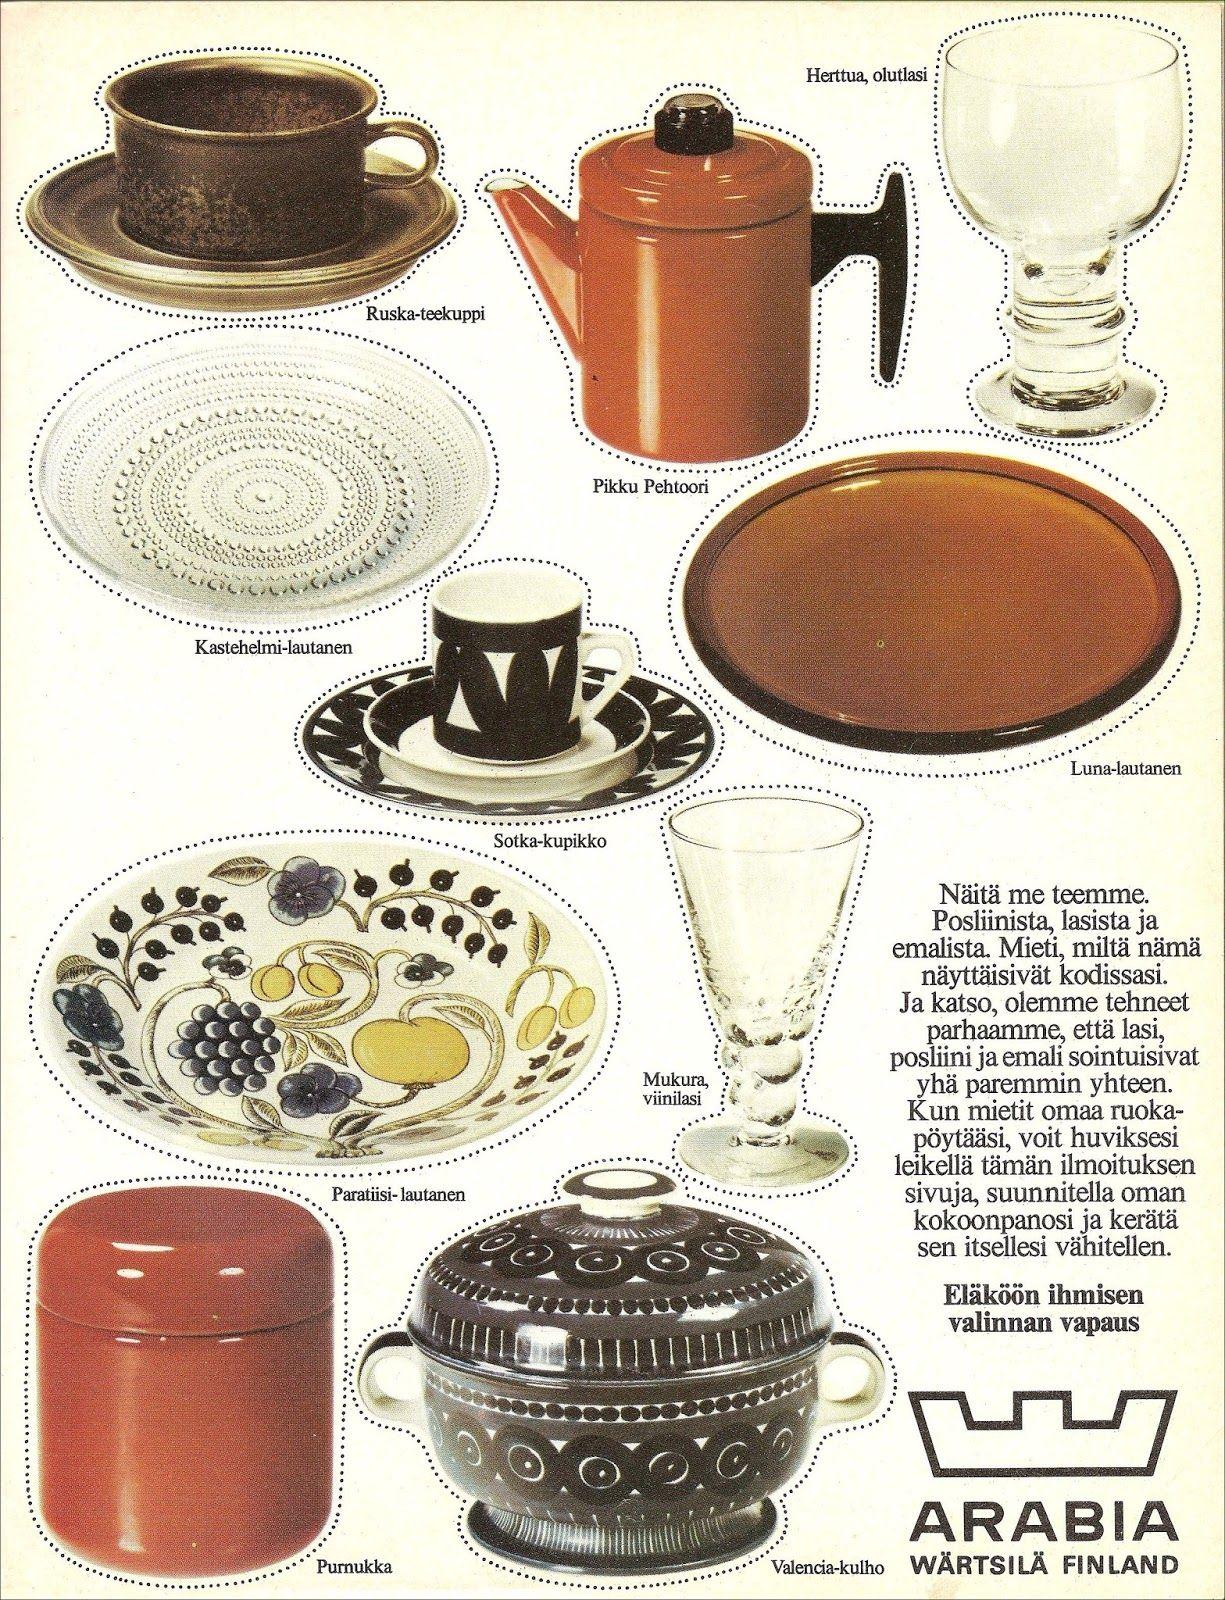 """Onpas tässä Arabian vuoden 1973 mainoksessahyvä idea!   """"....Olemme tehneet parhaamme jotta lasi, posliini ja emali sointuisivat ..."""